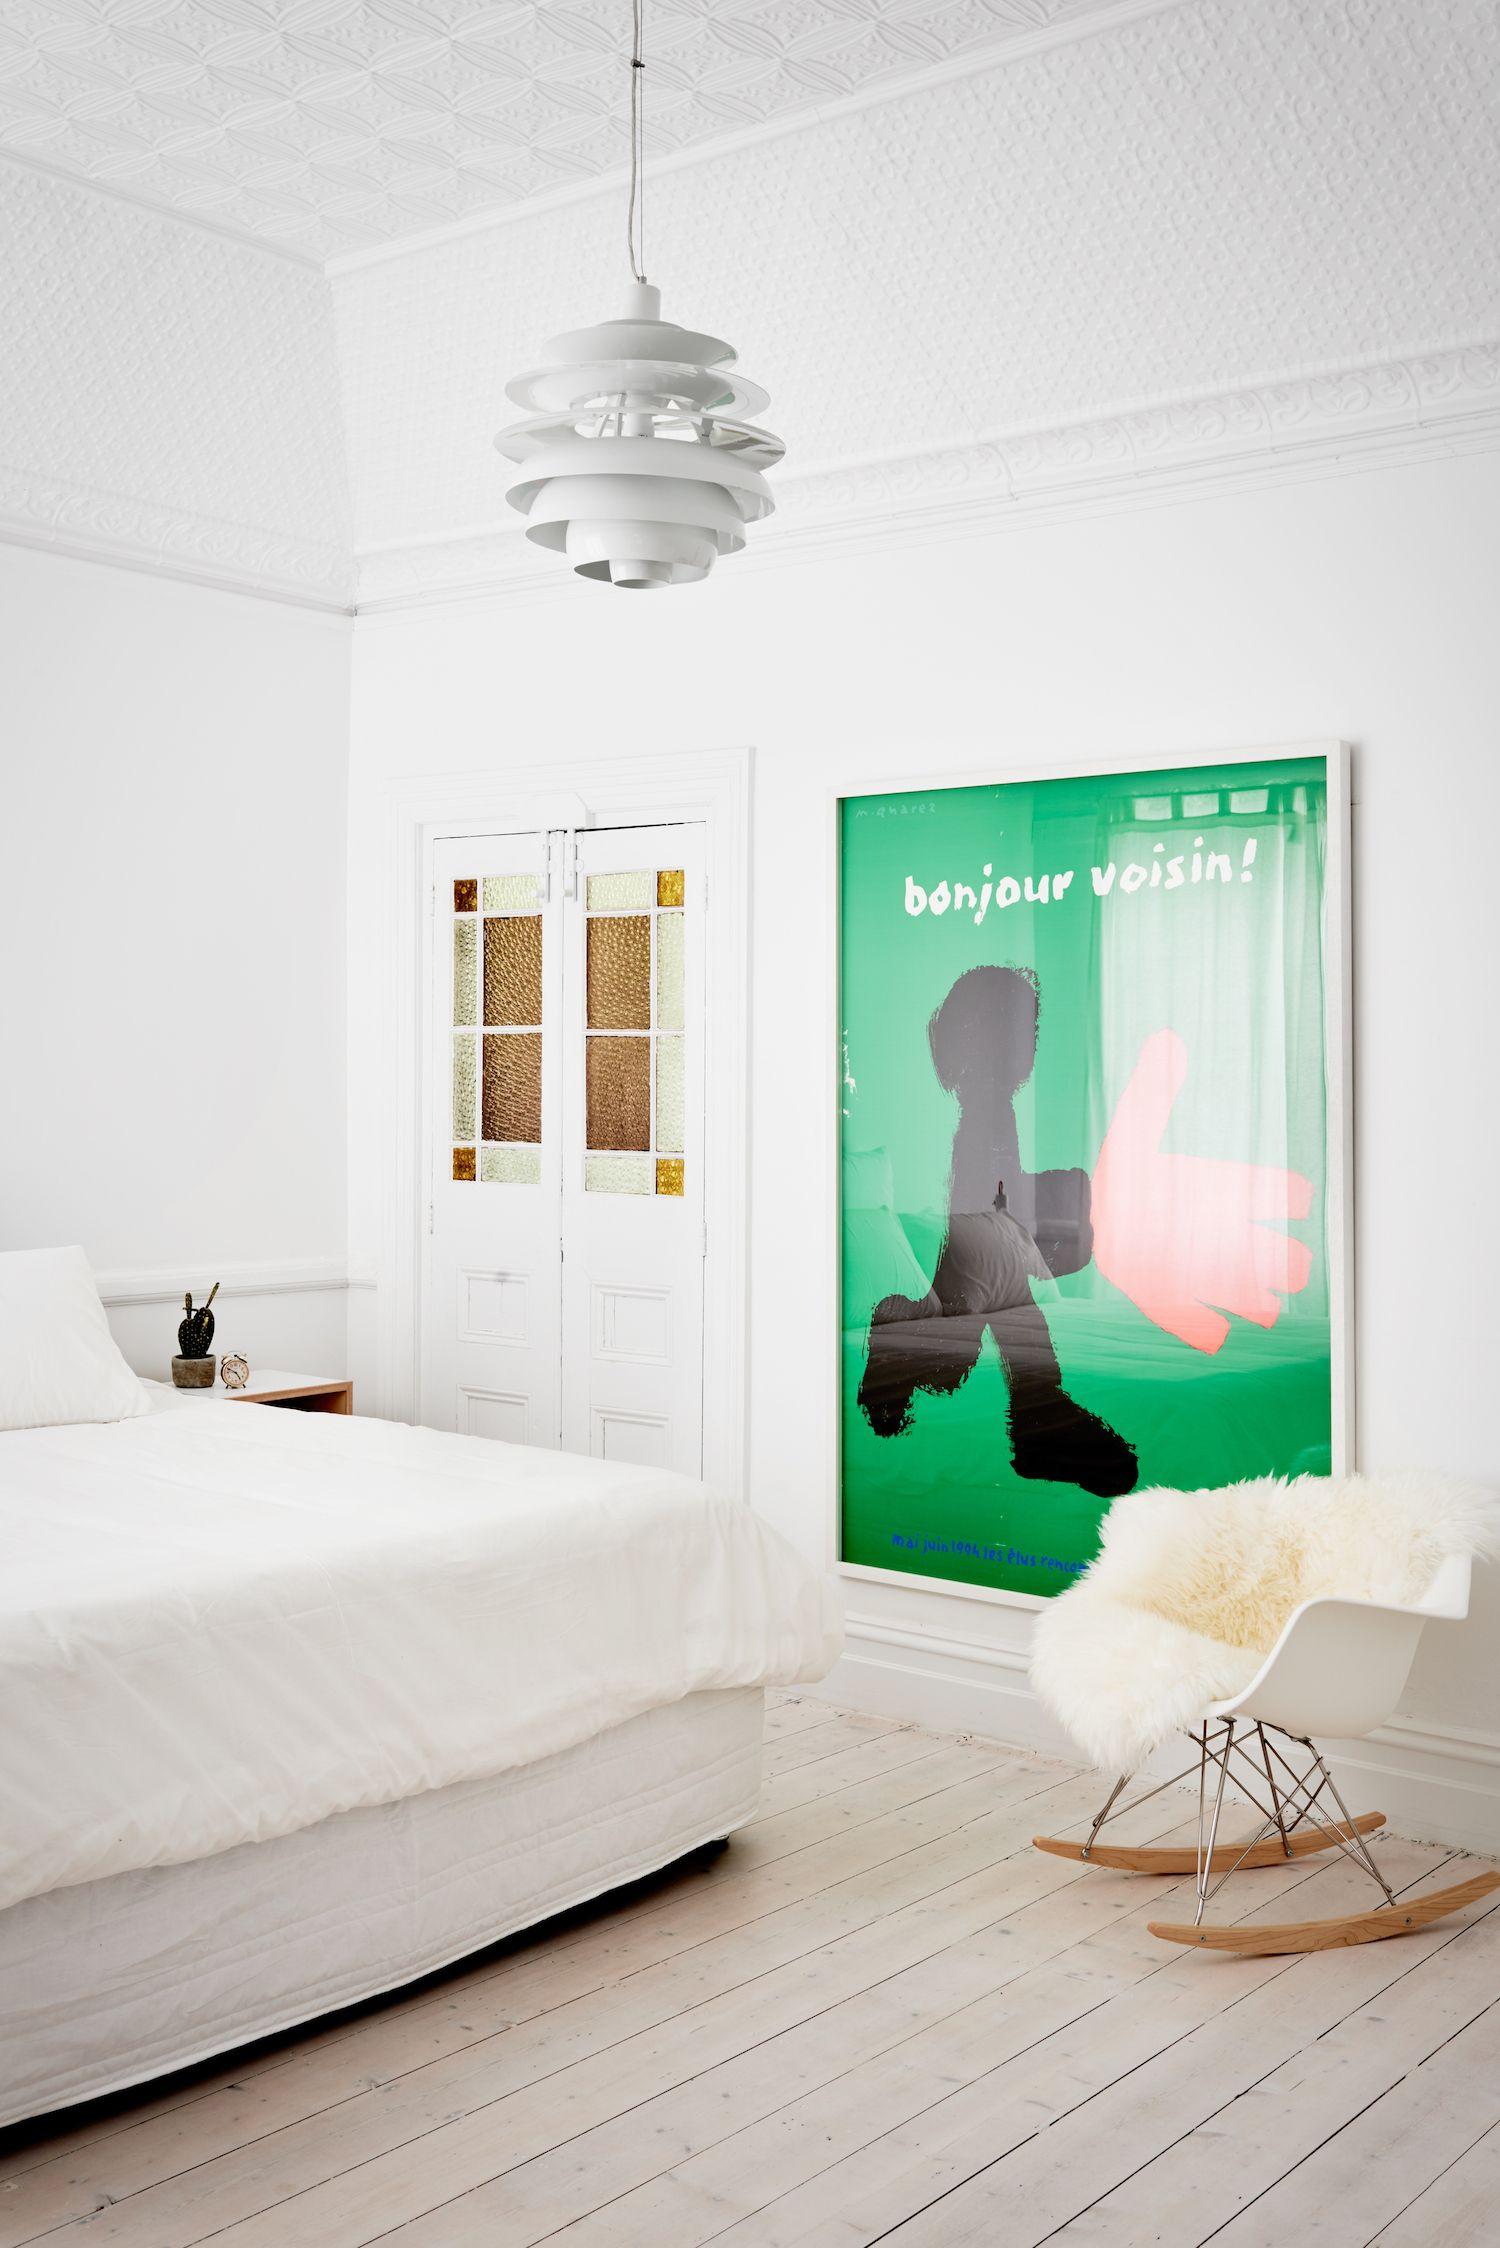 1000+ images about Lejlighed - indretning on Pinterest